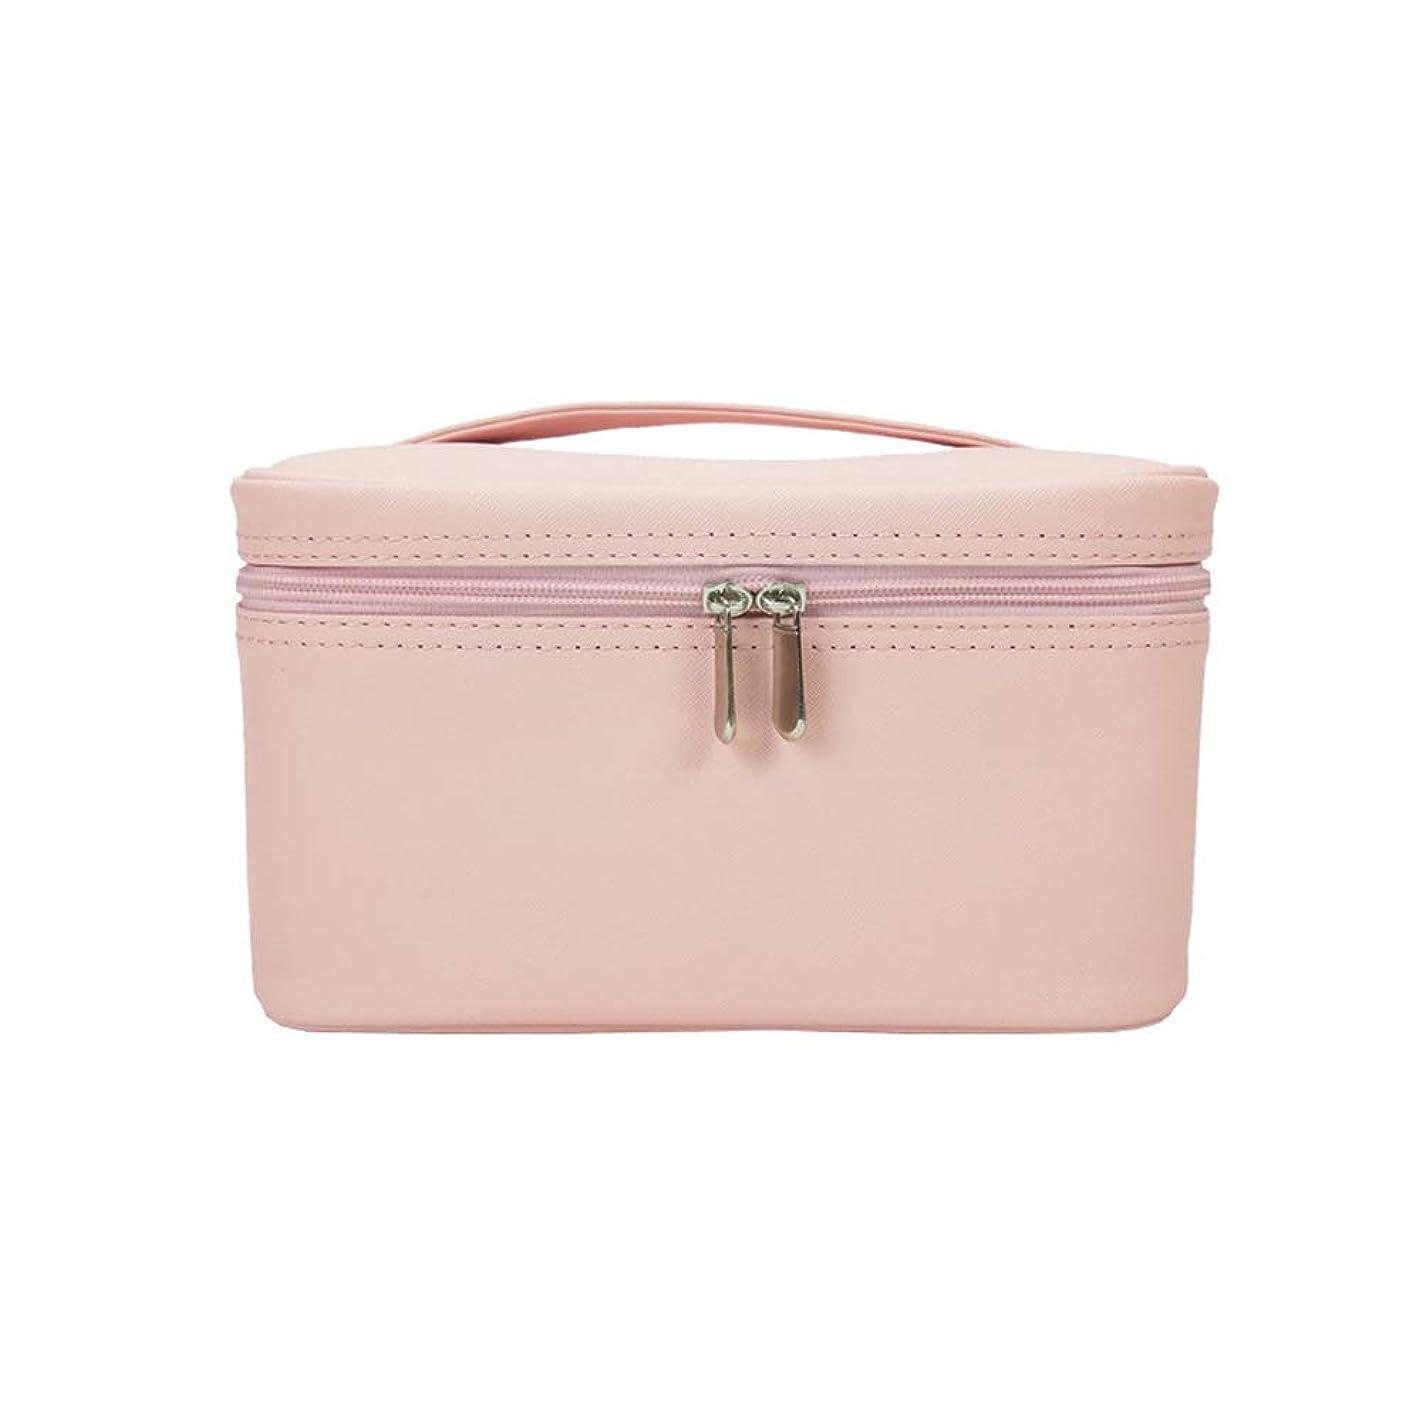 恩赦所有権姉妹特大スペース収納ビューティーボックス 女の子の女性旅行のための新しく、実用的な携帯用化粧箱およびロックおよび皿が付いている毎日の貯蔵 化粧品化粧台 (色 : ピンク)